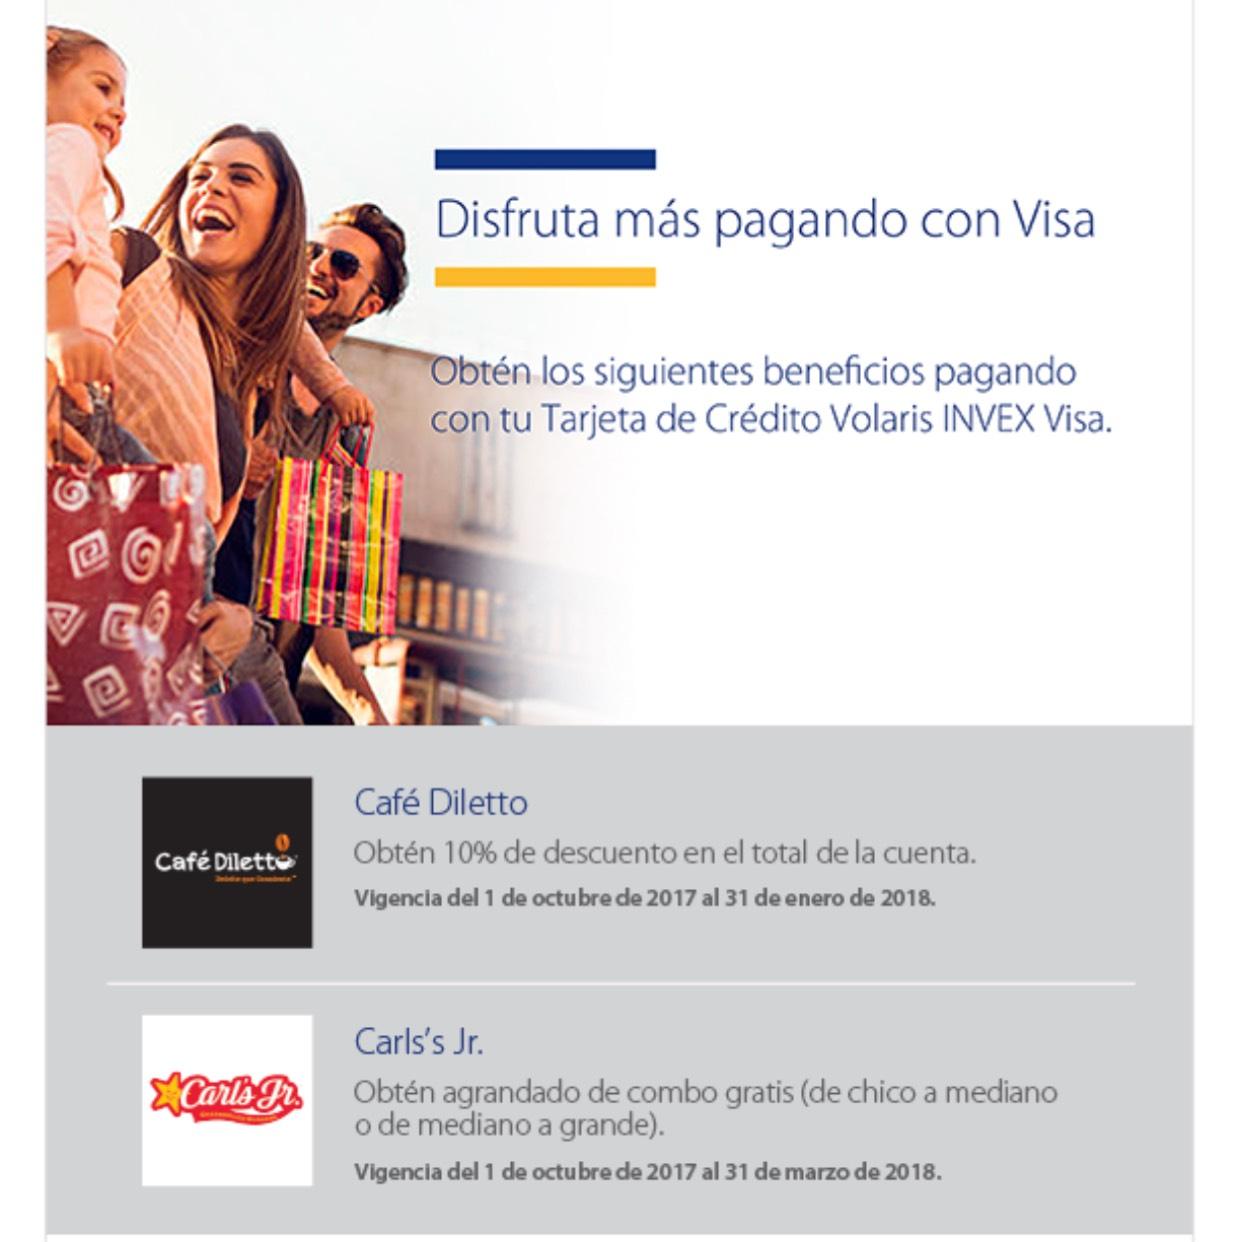 Carl's Jr.: Aumento de combo Gratis al pagar con tarjeta Volaris Invex visa